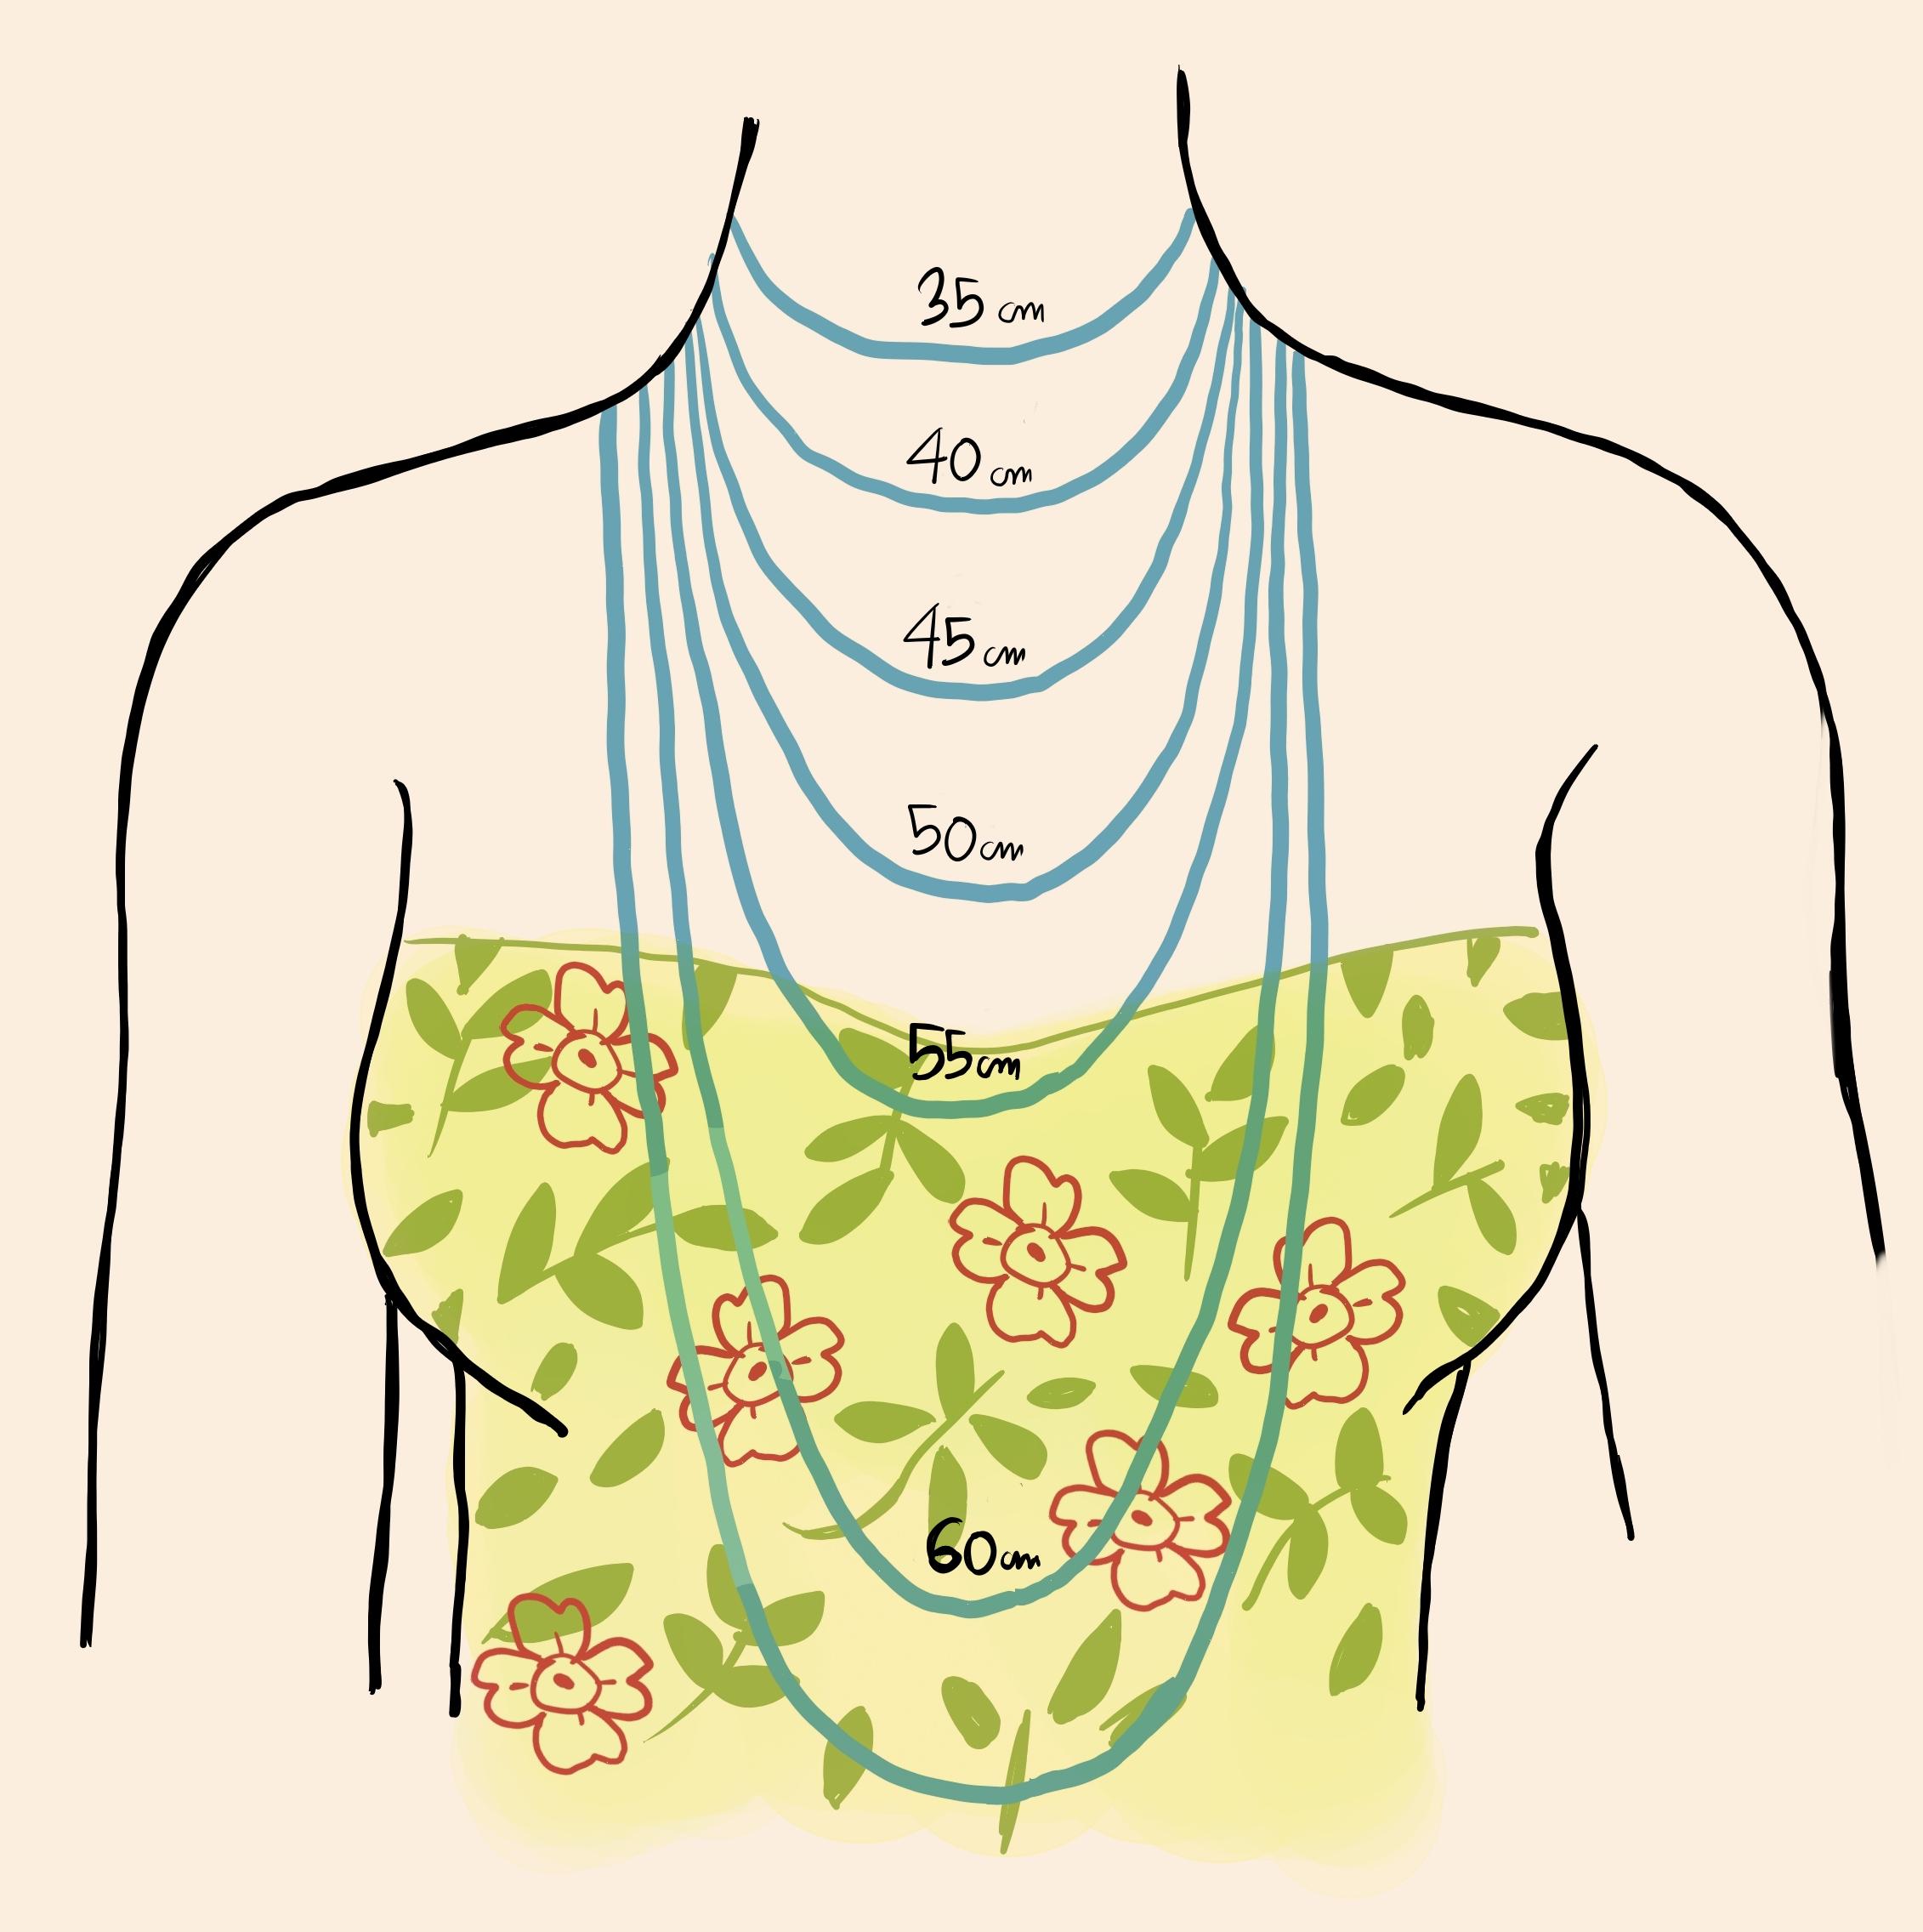 Distintas medidas de collar y su posición en el cuerpo.